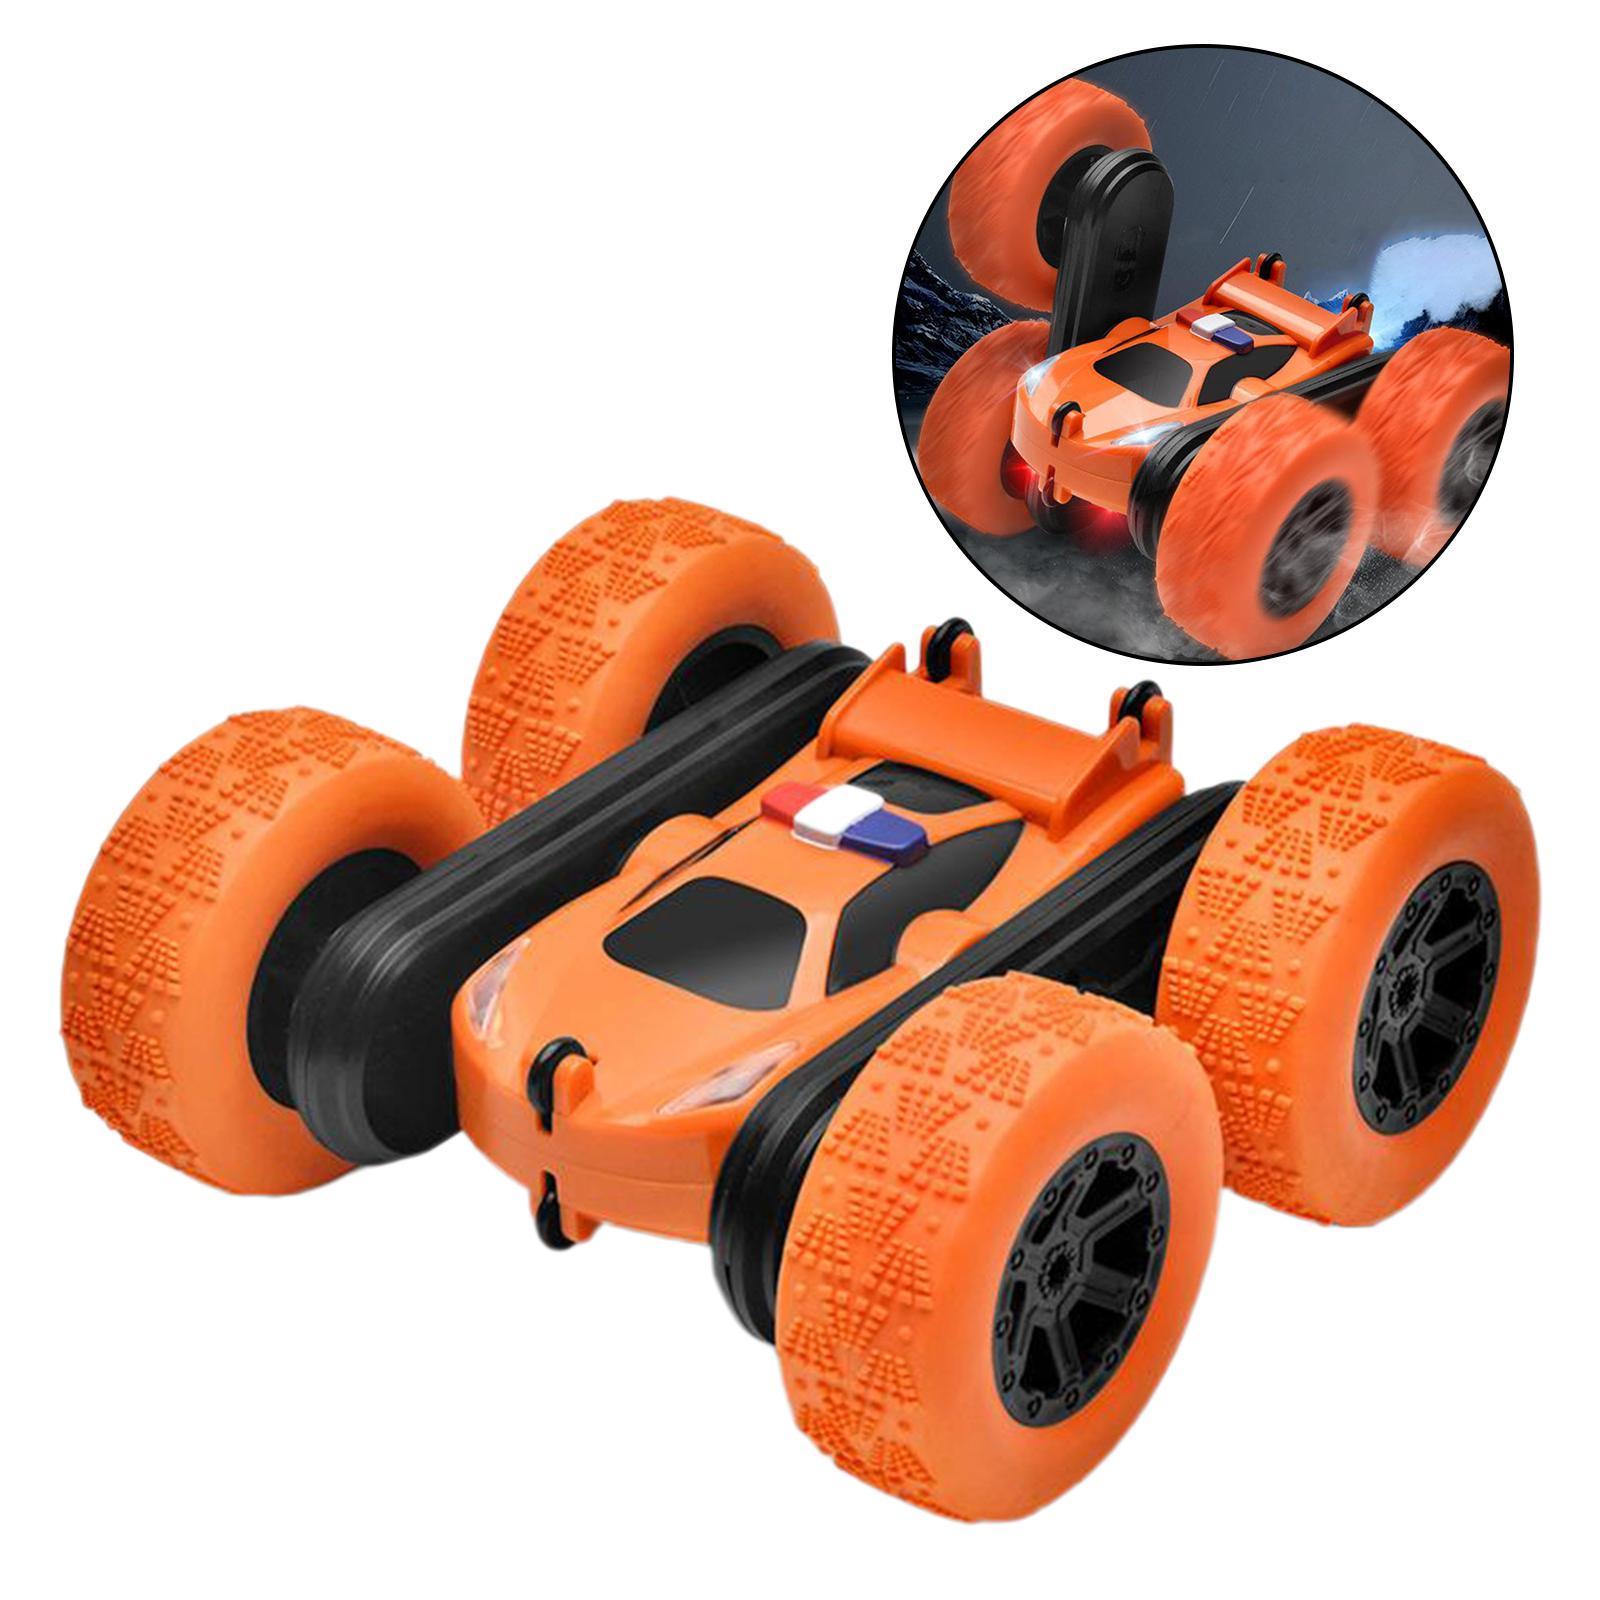 miniatura 41 - Telecomando Auto Stunt Car Giocattolo Per Bambini 2.4GHz di Controllo Remoto